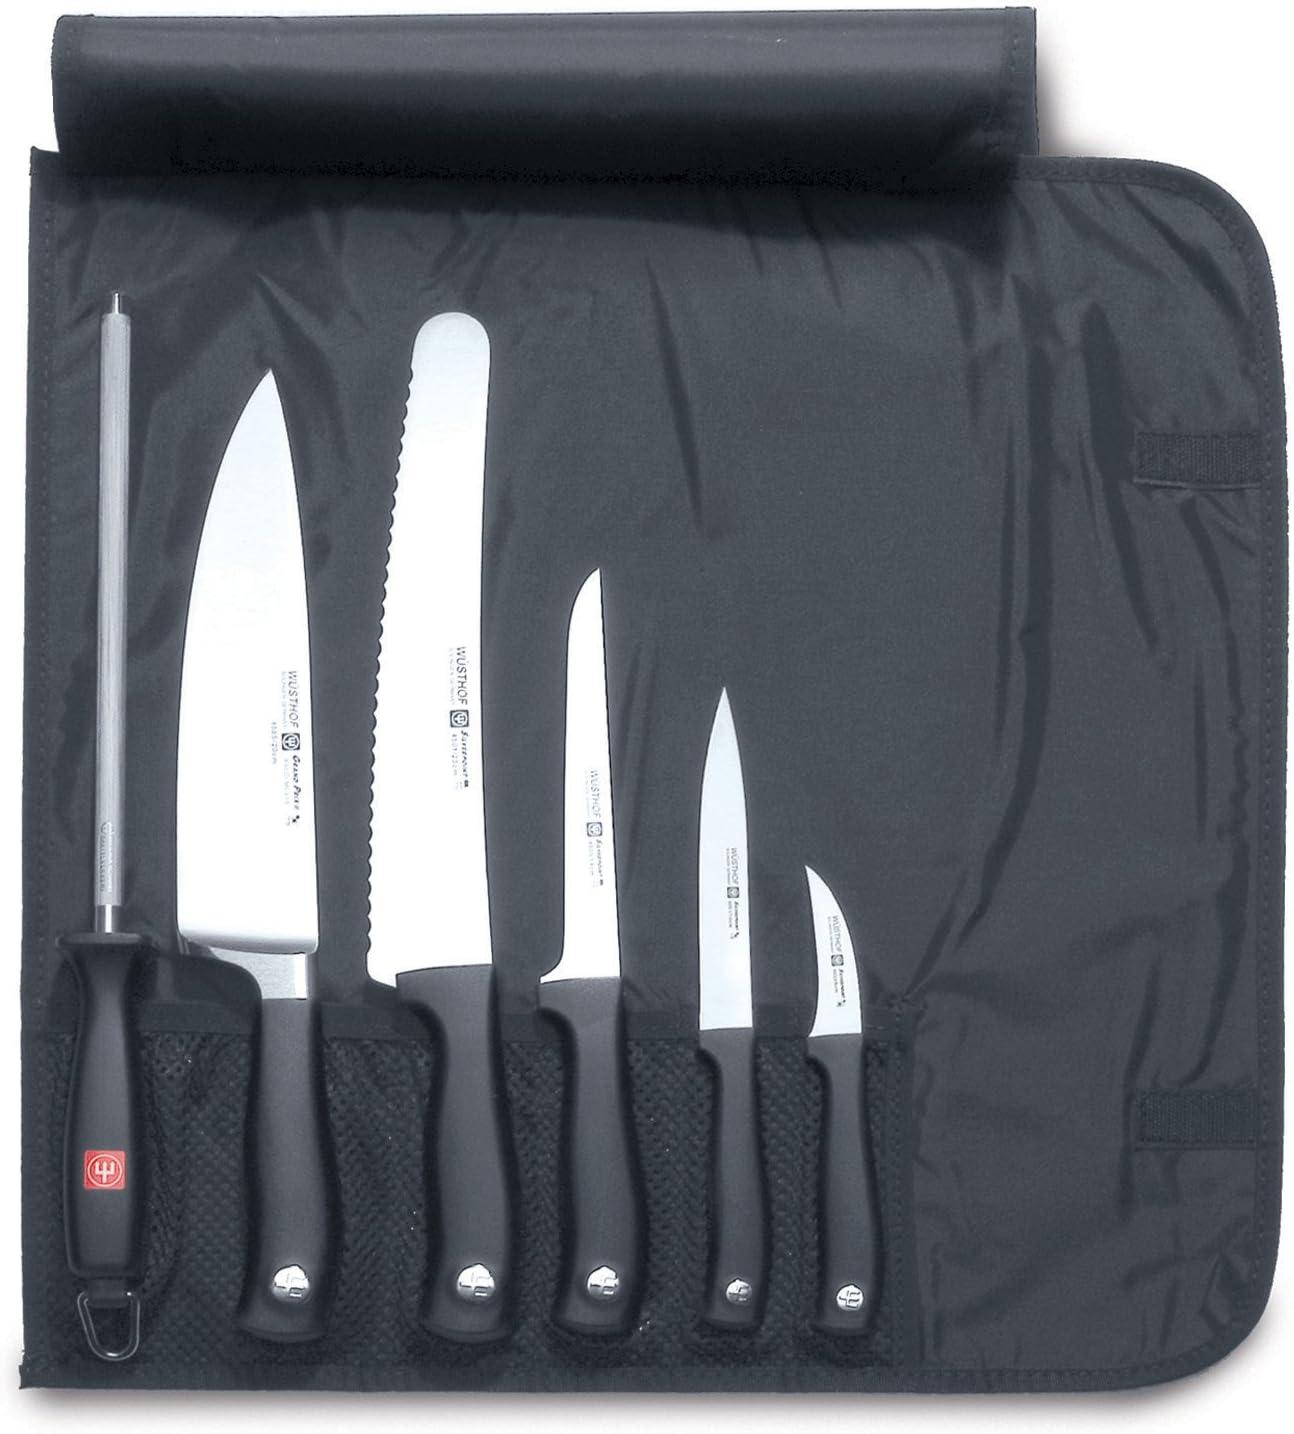 Compra Wüsthof 9783 - Estuche para Cuchillos de Cocina, Color Negro en Amazon.es